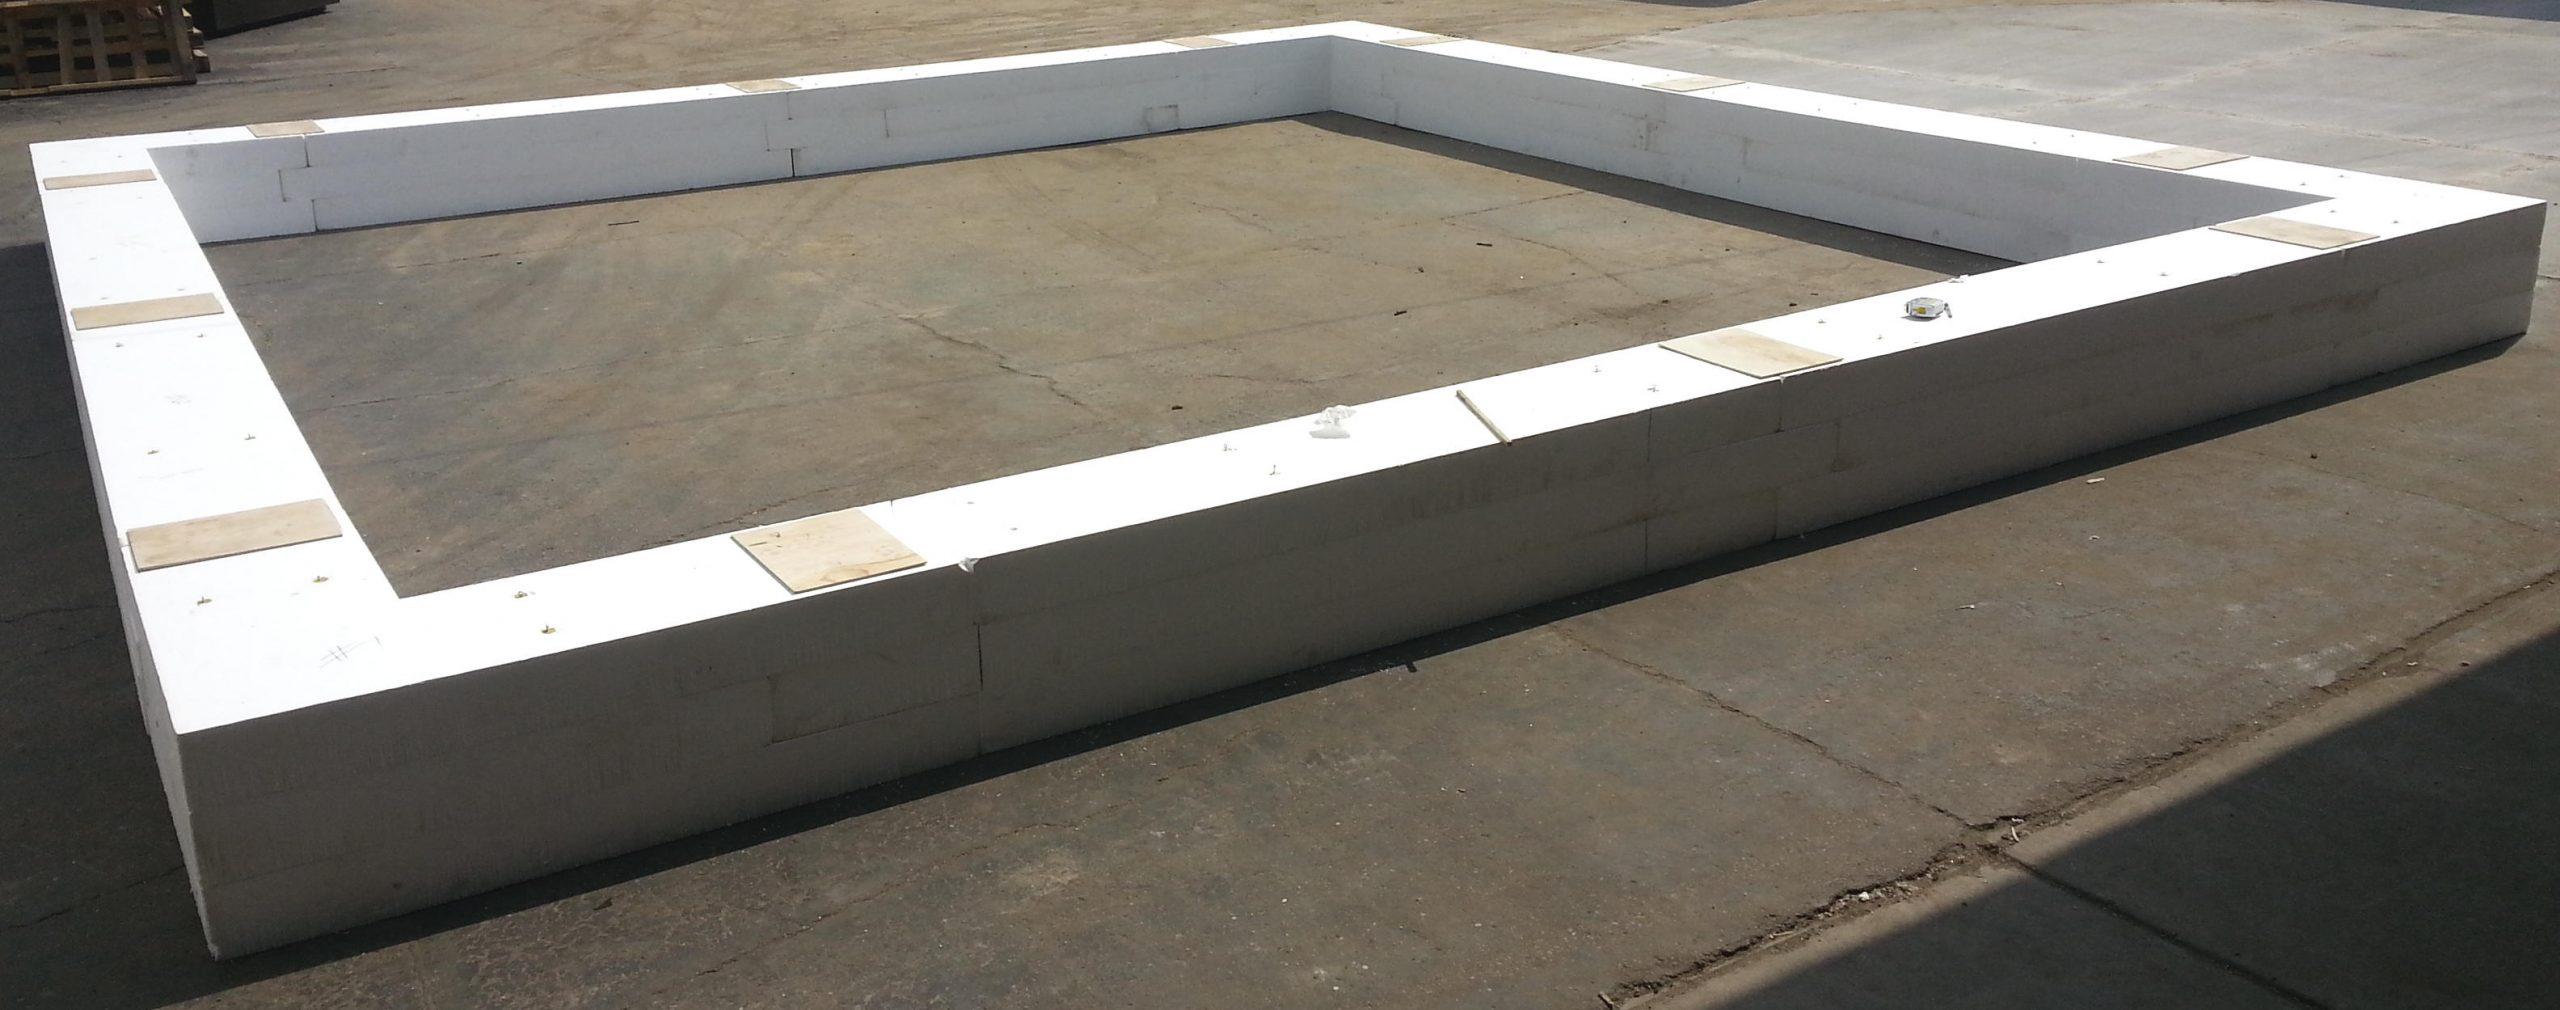 large polystyrene rectangle-scaled